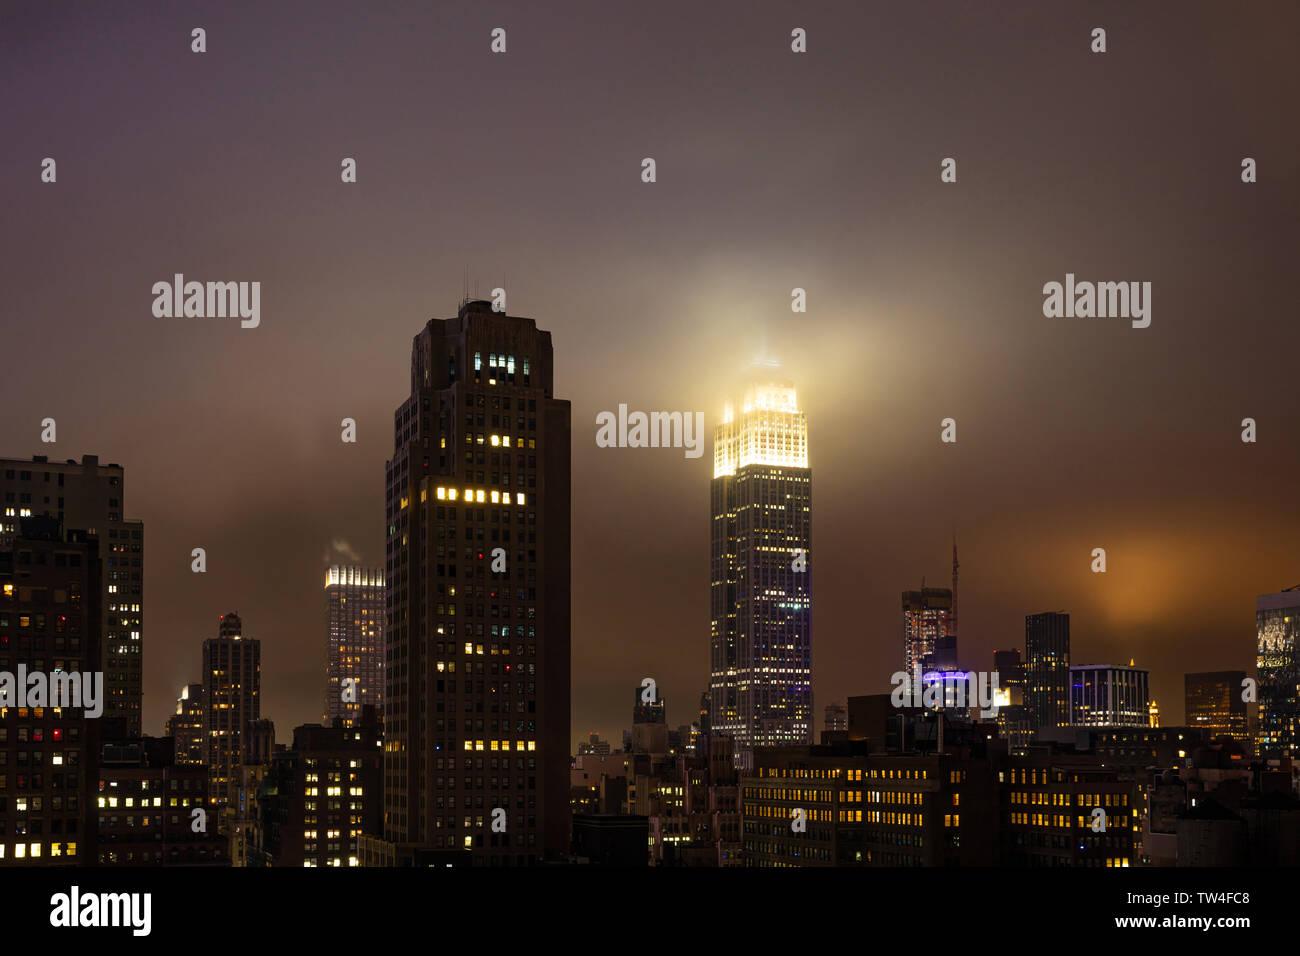 New York, USA. 5 mai, 2019. City skyline at night. Vue aérienne de grattes-ciel de Manhattan et l'Empire state building, éclairé Banque D'Images